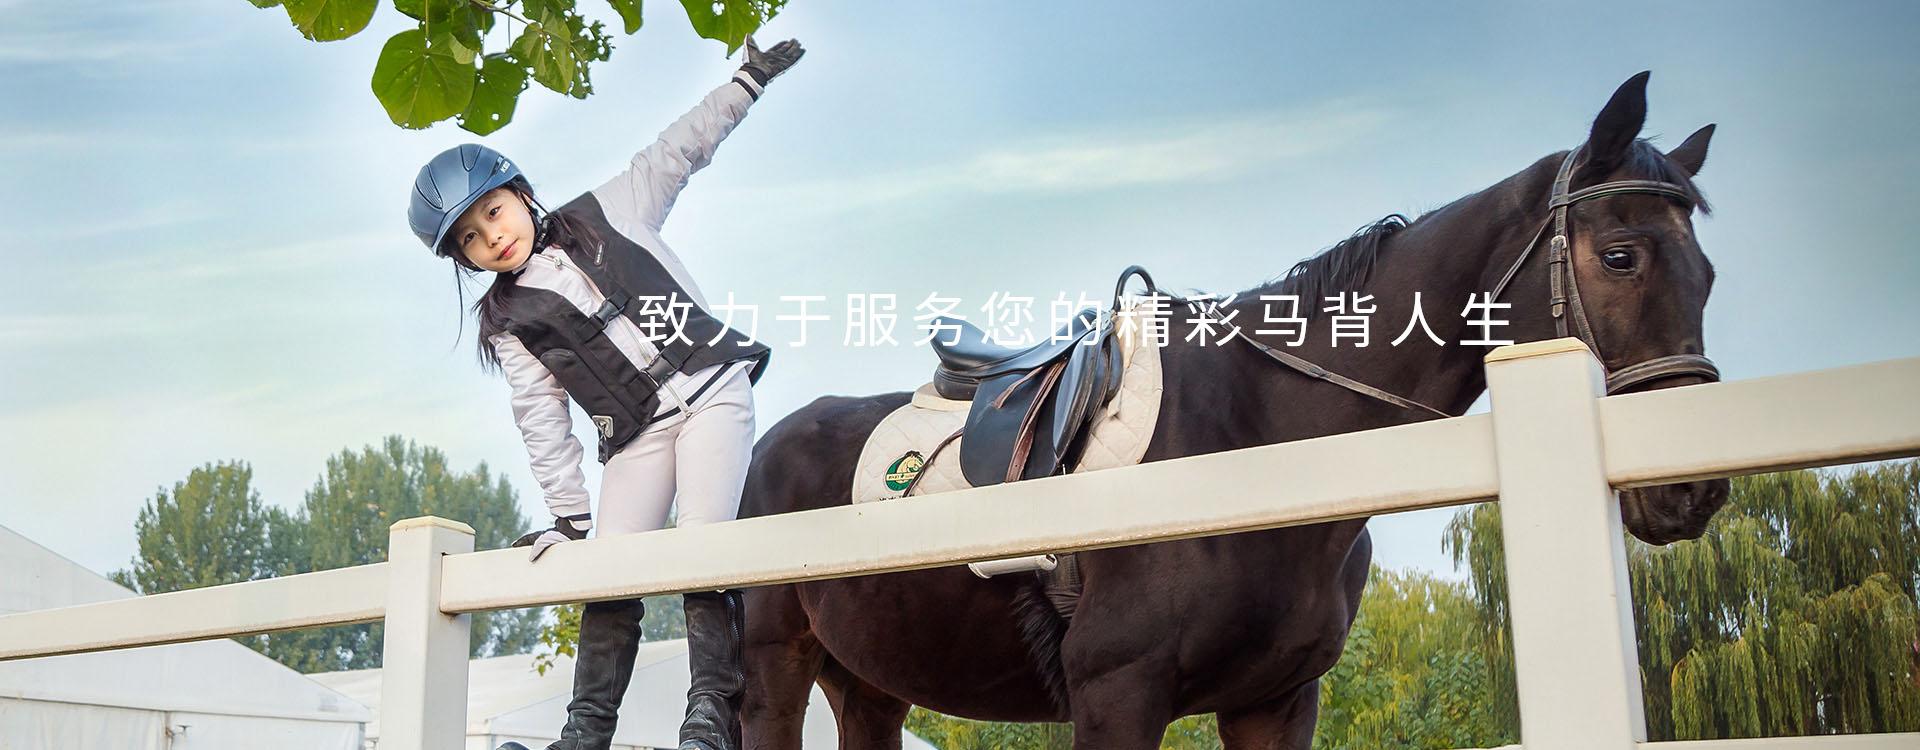 北京五环马_北京马术俱乐部排名|北京骑马场|骑马俱乐部|儿童马术俱乐部 ...